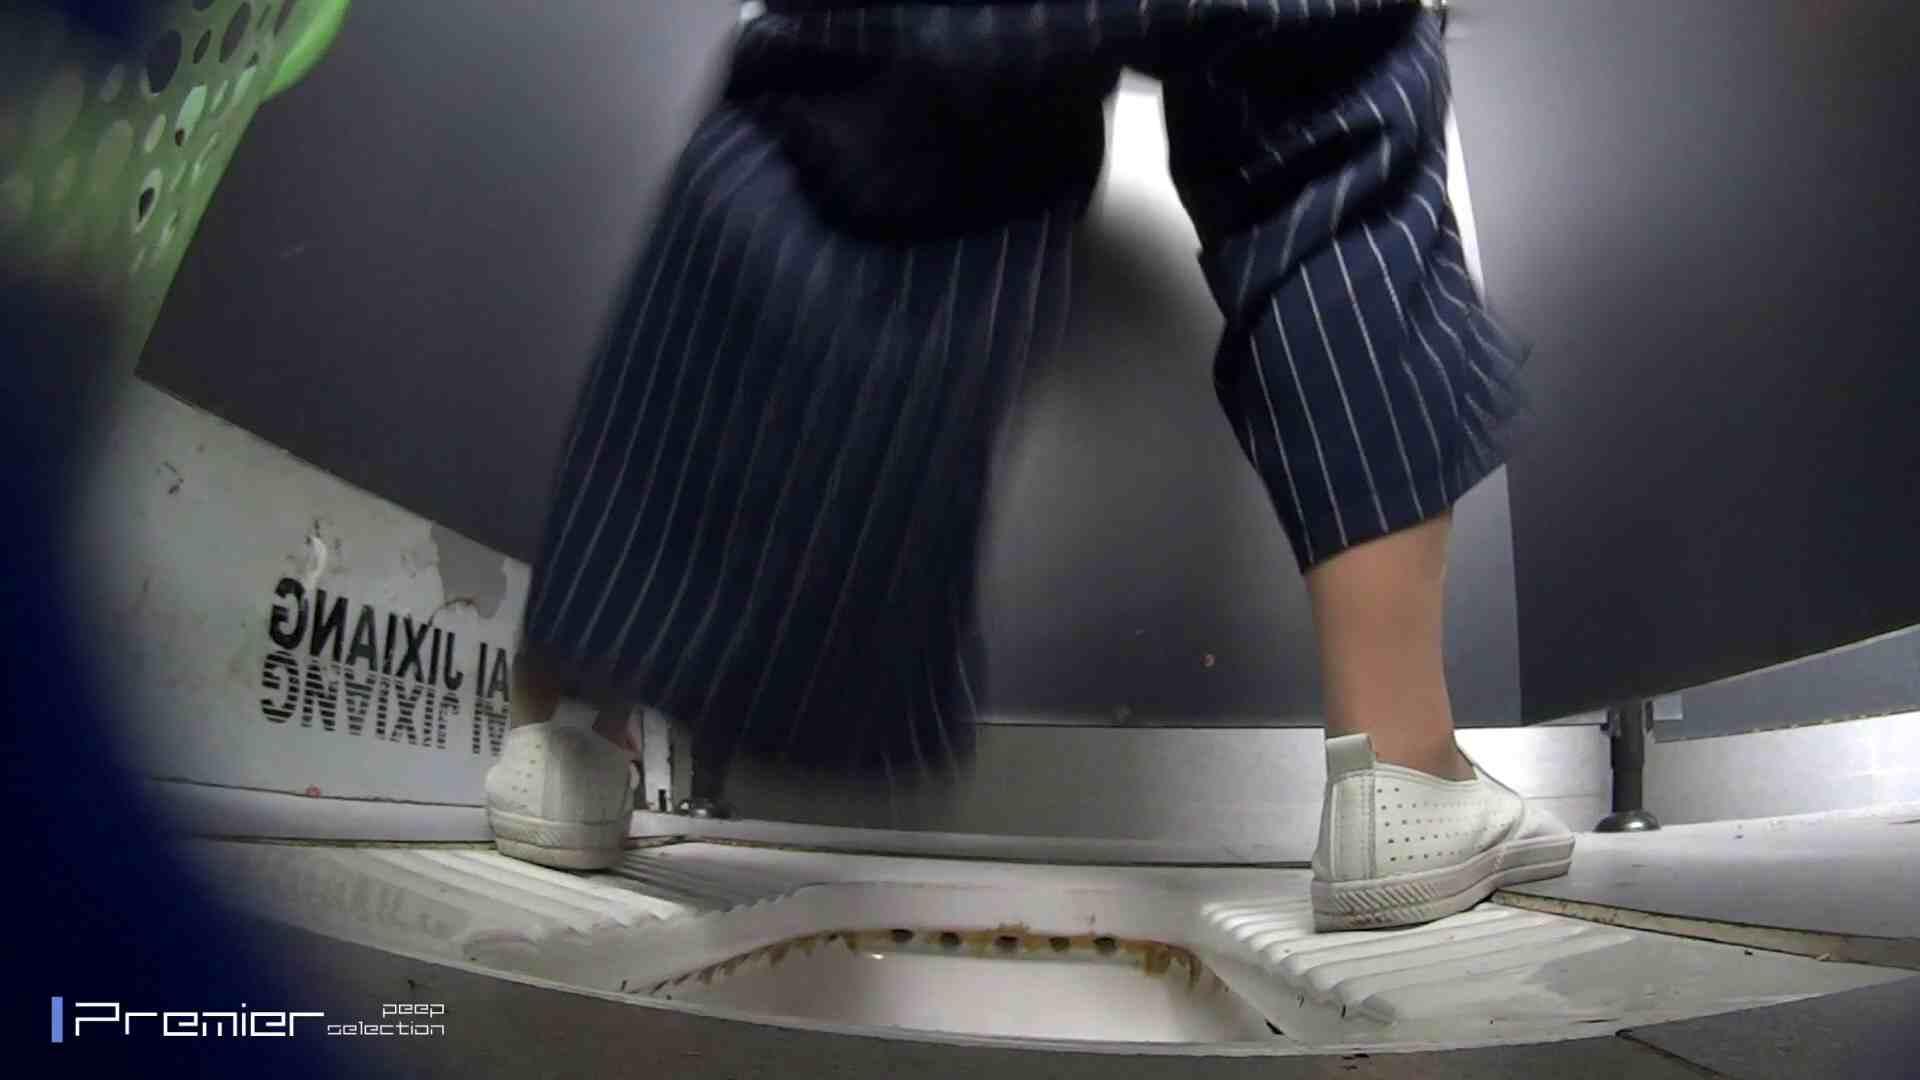 ポチャが多めの洗面所 大学休憩時間の洗面所事情45 ポチャ 盗撮おめこ無修正動画無料 105pic 24